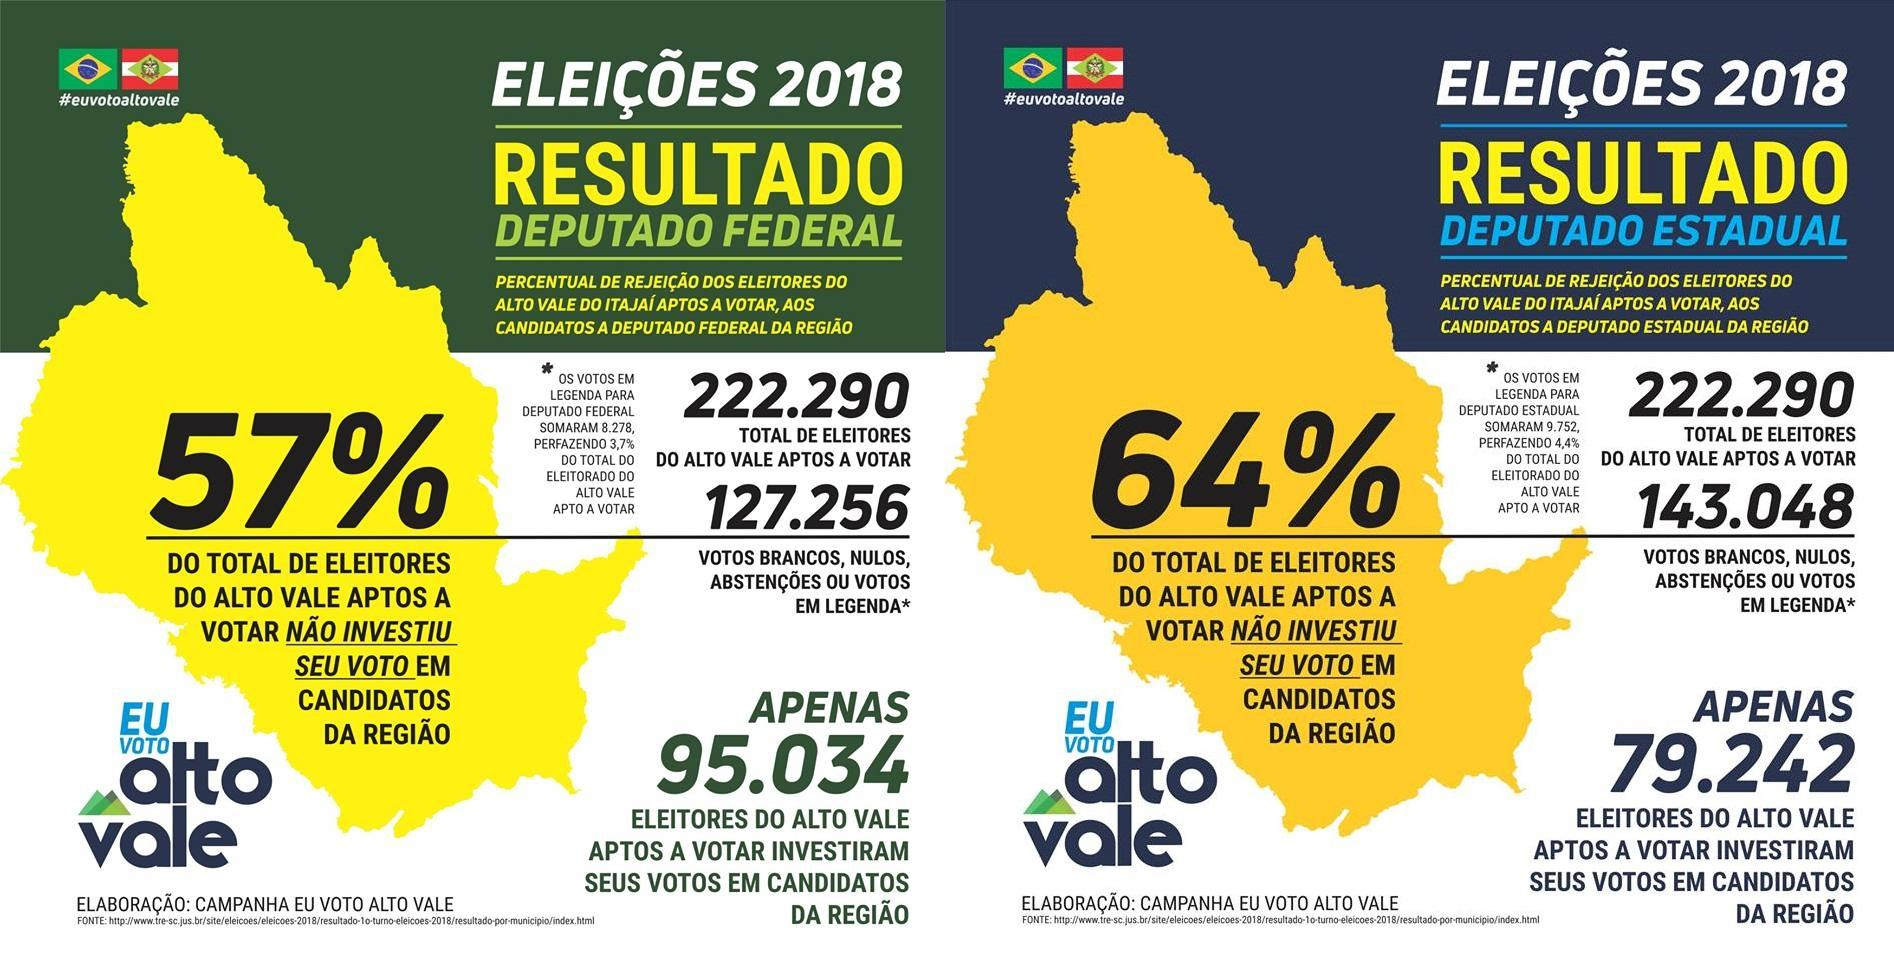 Eleitores do Alto Vale depositaram mais de 130 mil votos em candidatos que não representam a região